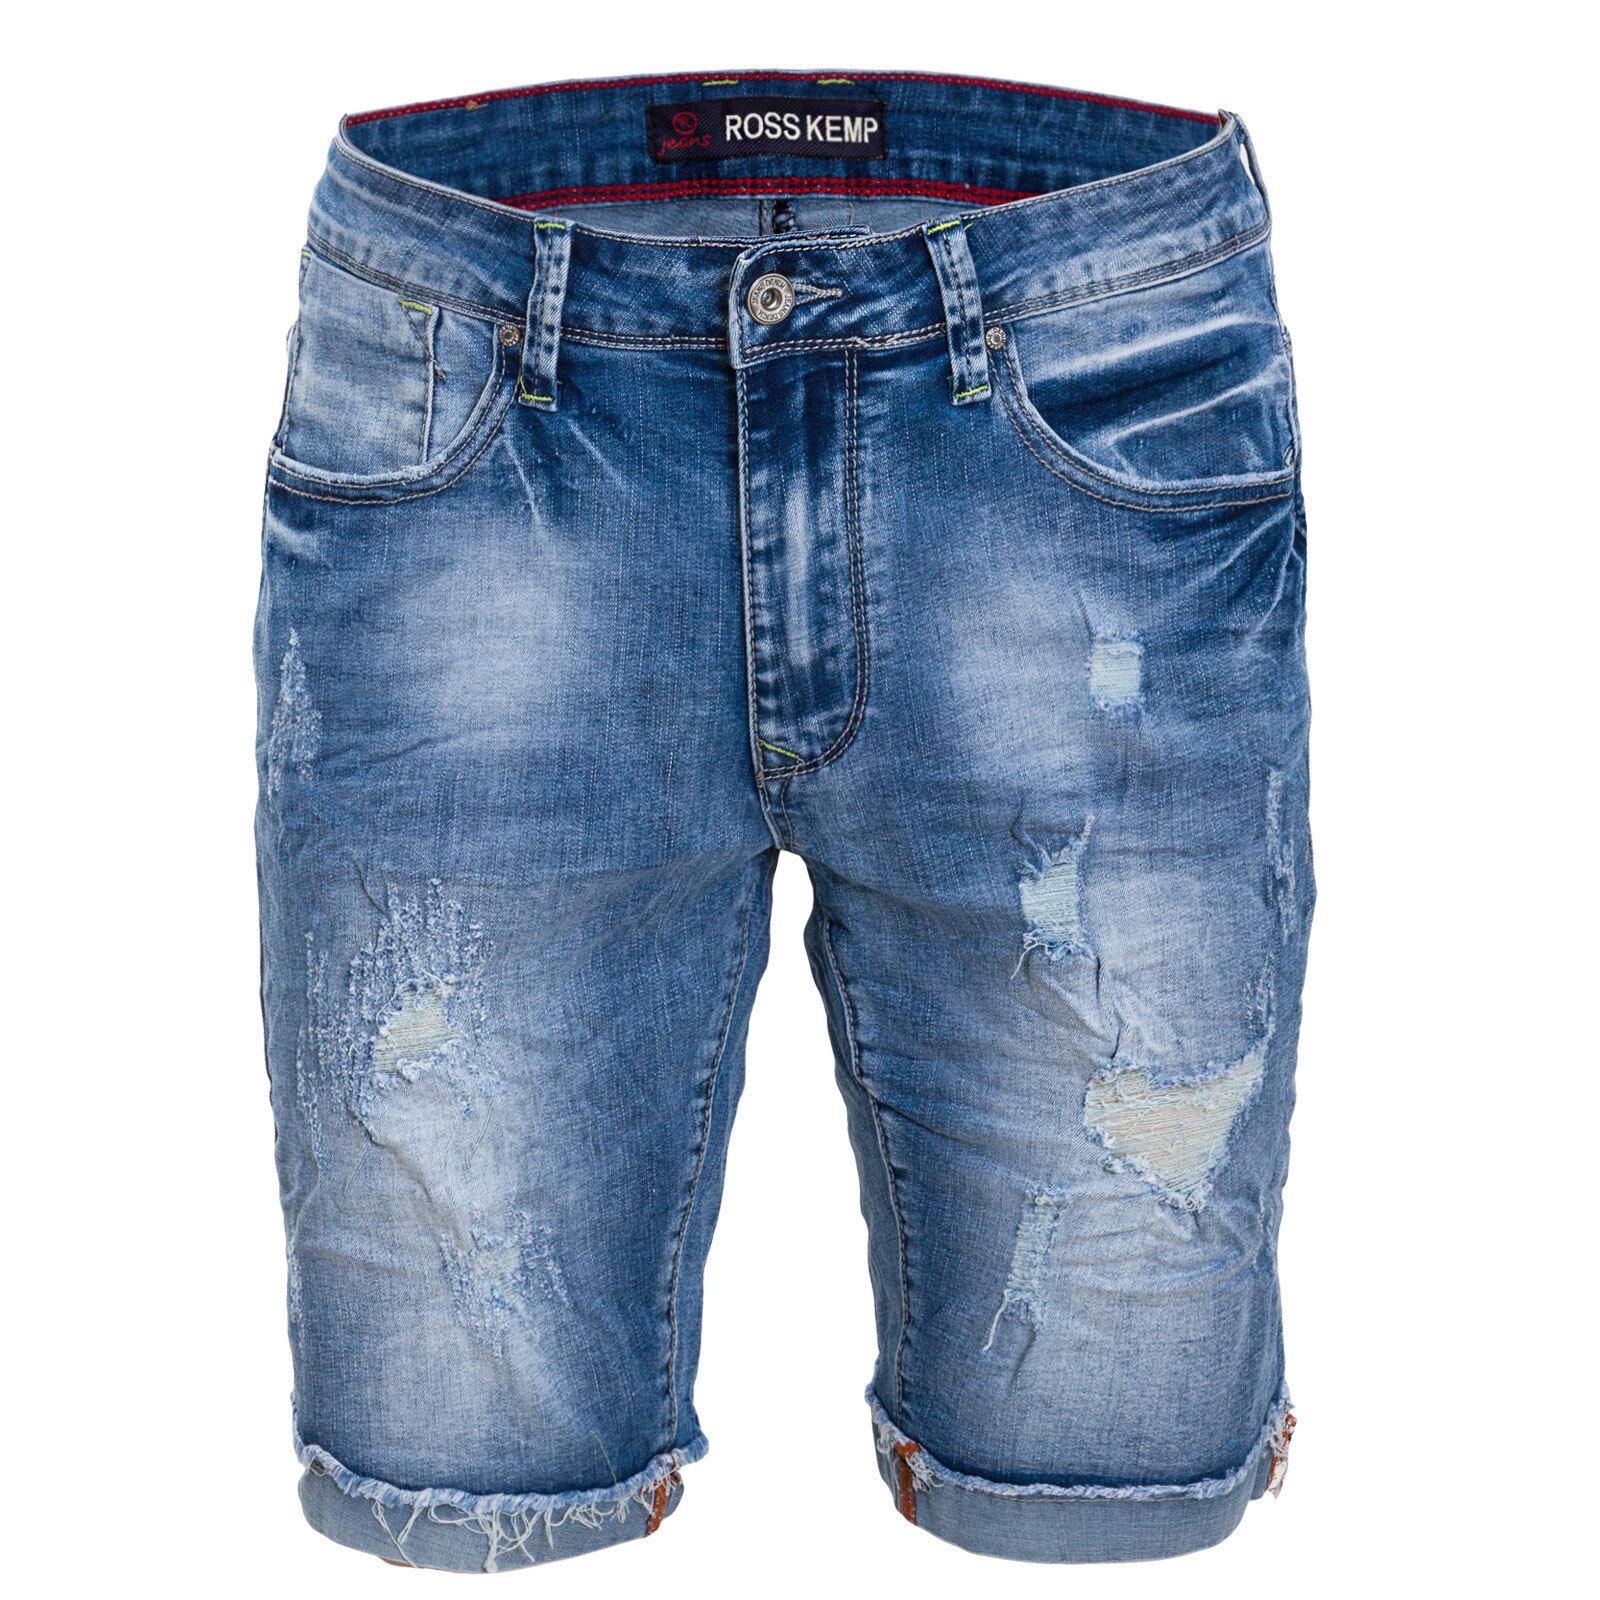 f5cf96c76edcc0 Bermuda uomo jeans corto denim strappato pantaloncini con strappi casual